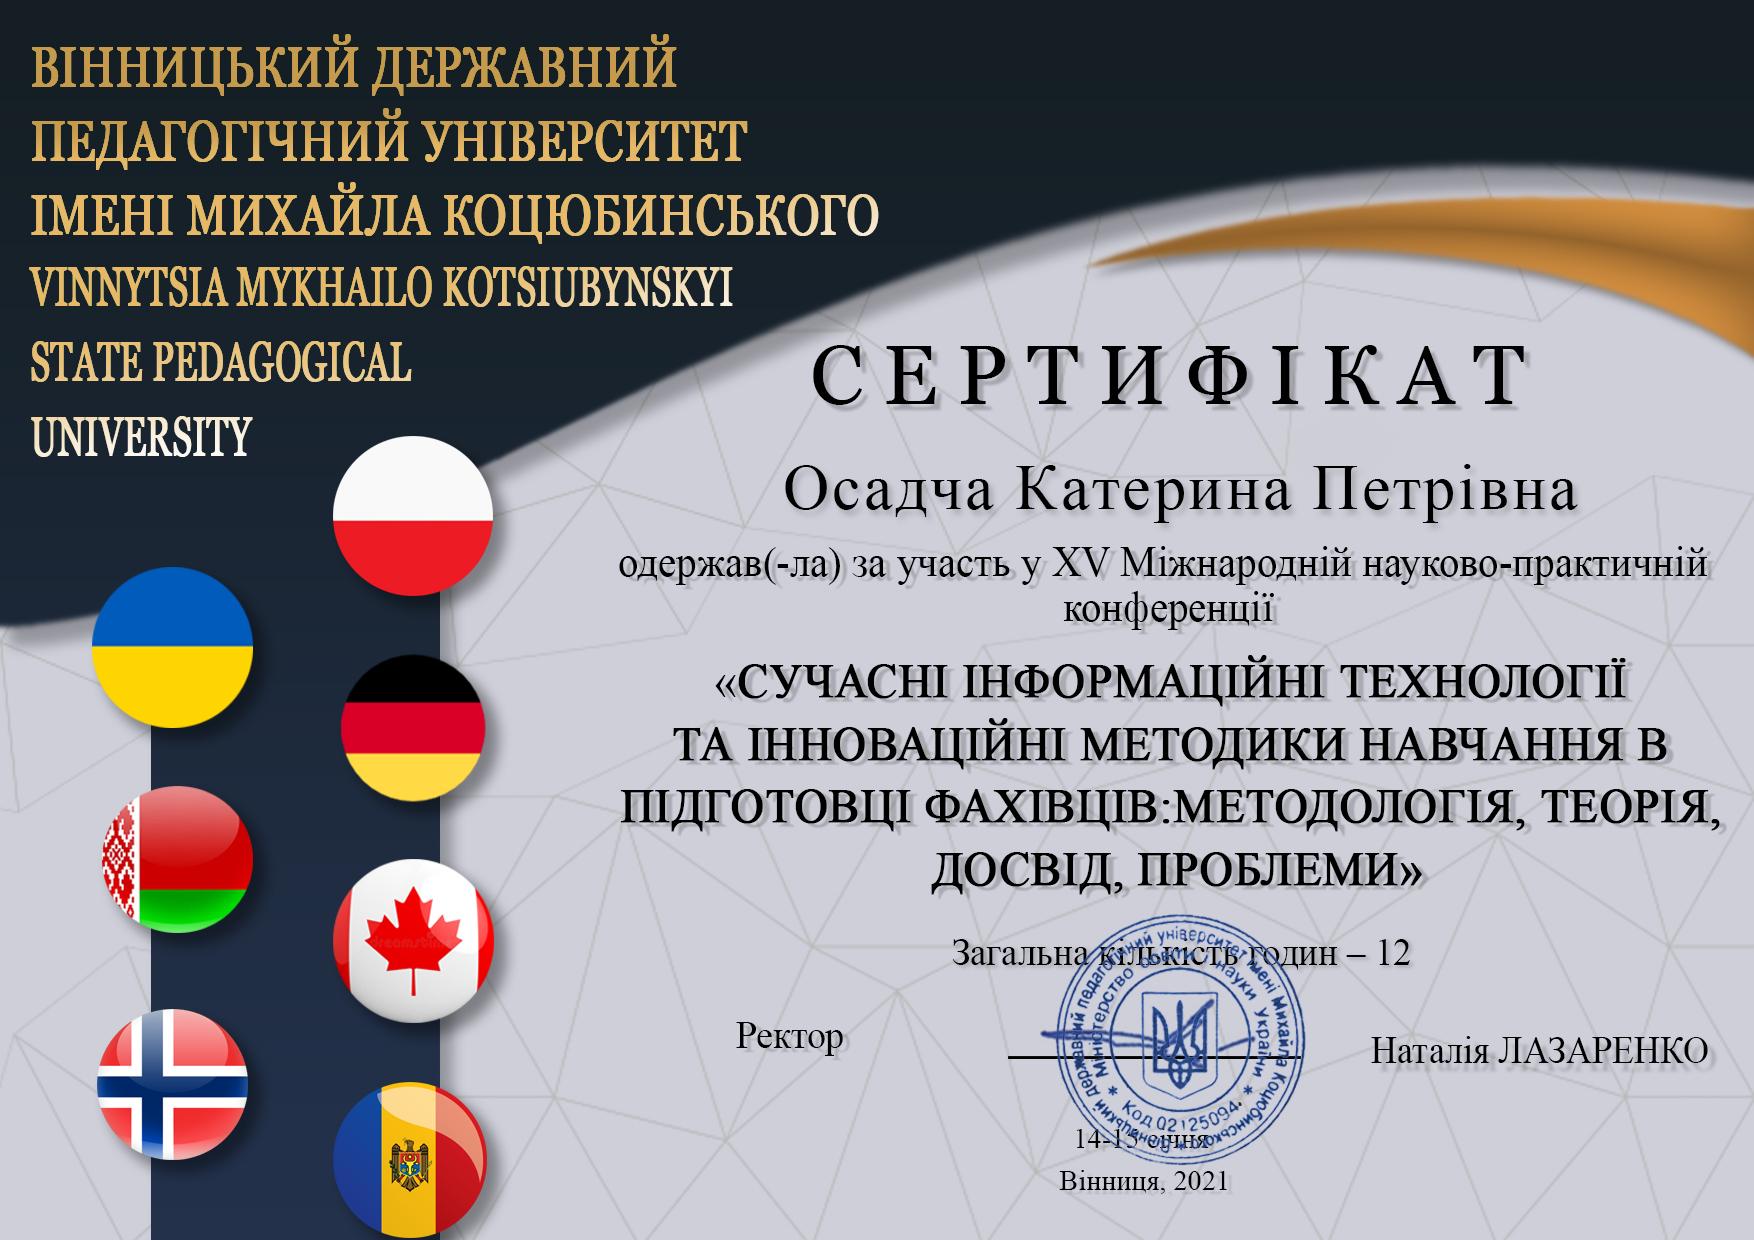 Осадча Катерина Петрівна